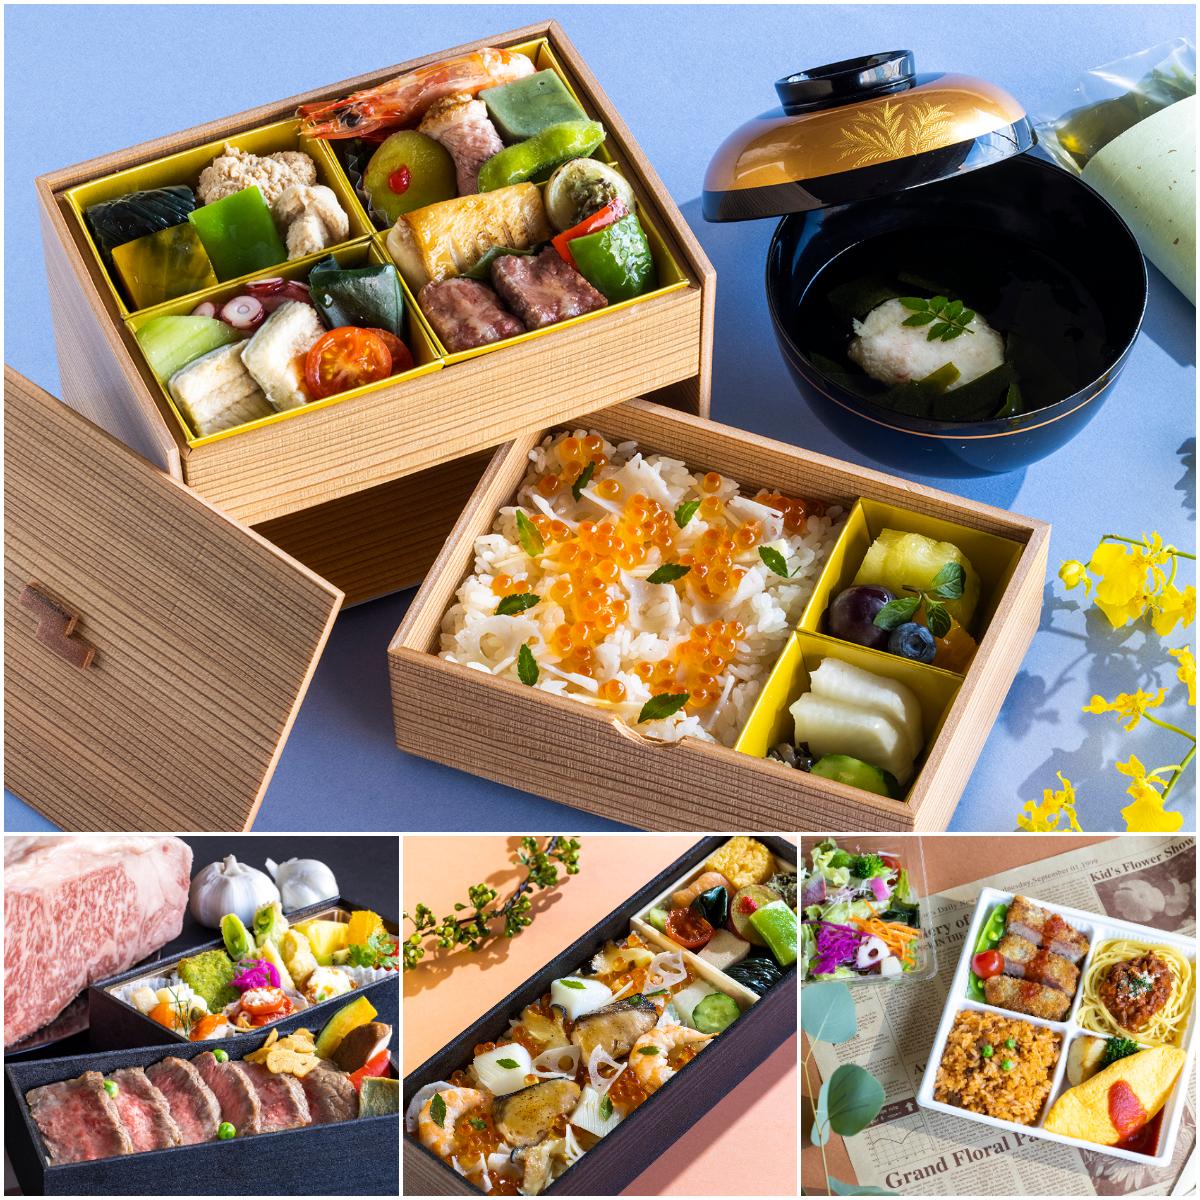 『ANAクラウンプラザホテル金沢』に初夏の行楽弁当や豪華なテイクアウトグルメが続々登場。